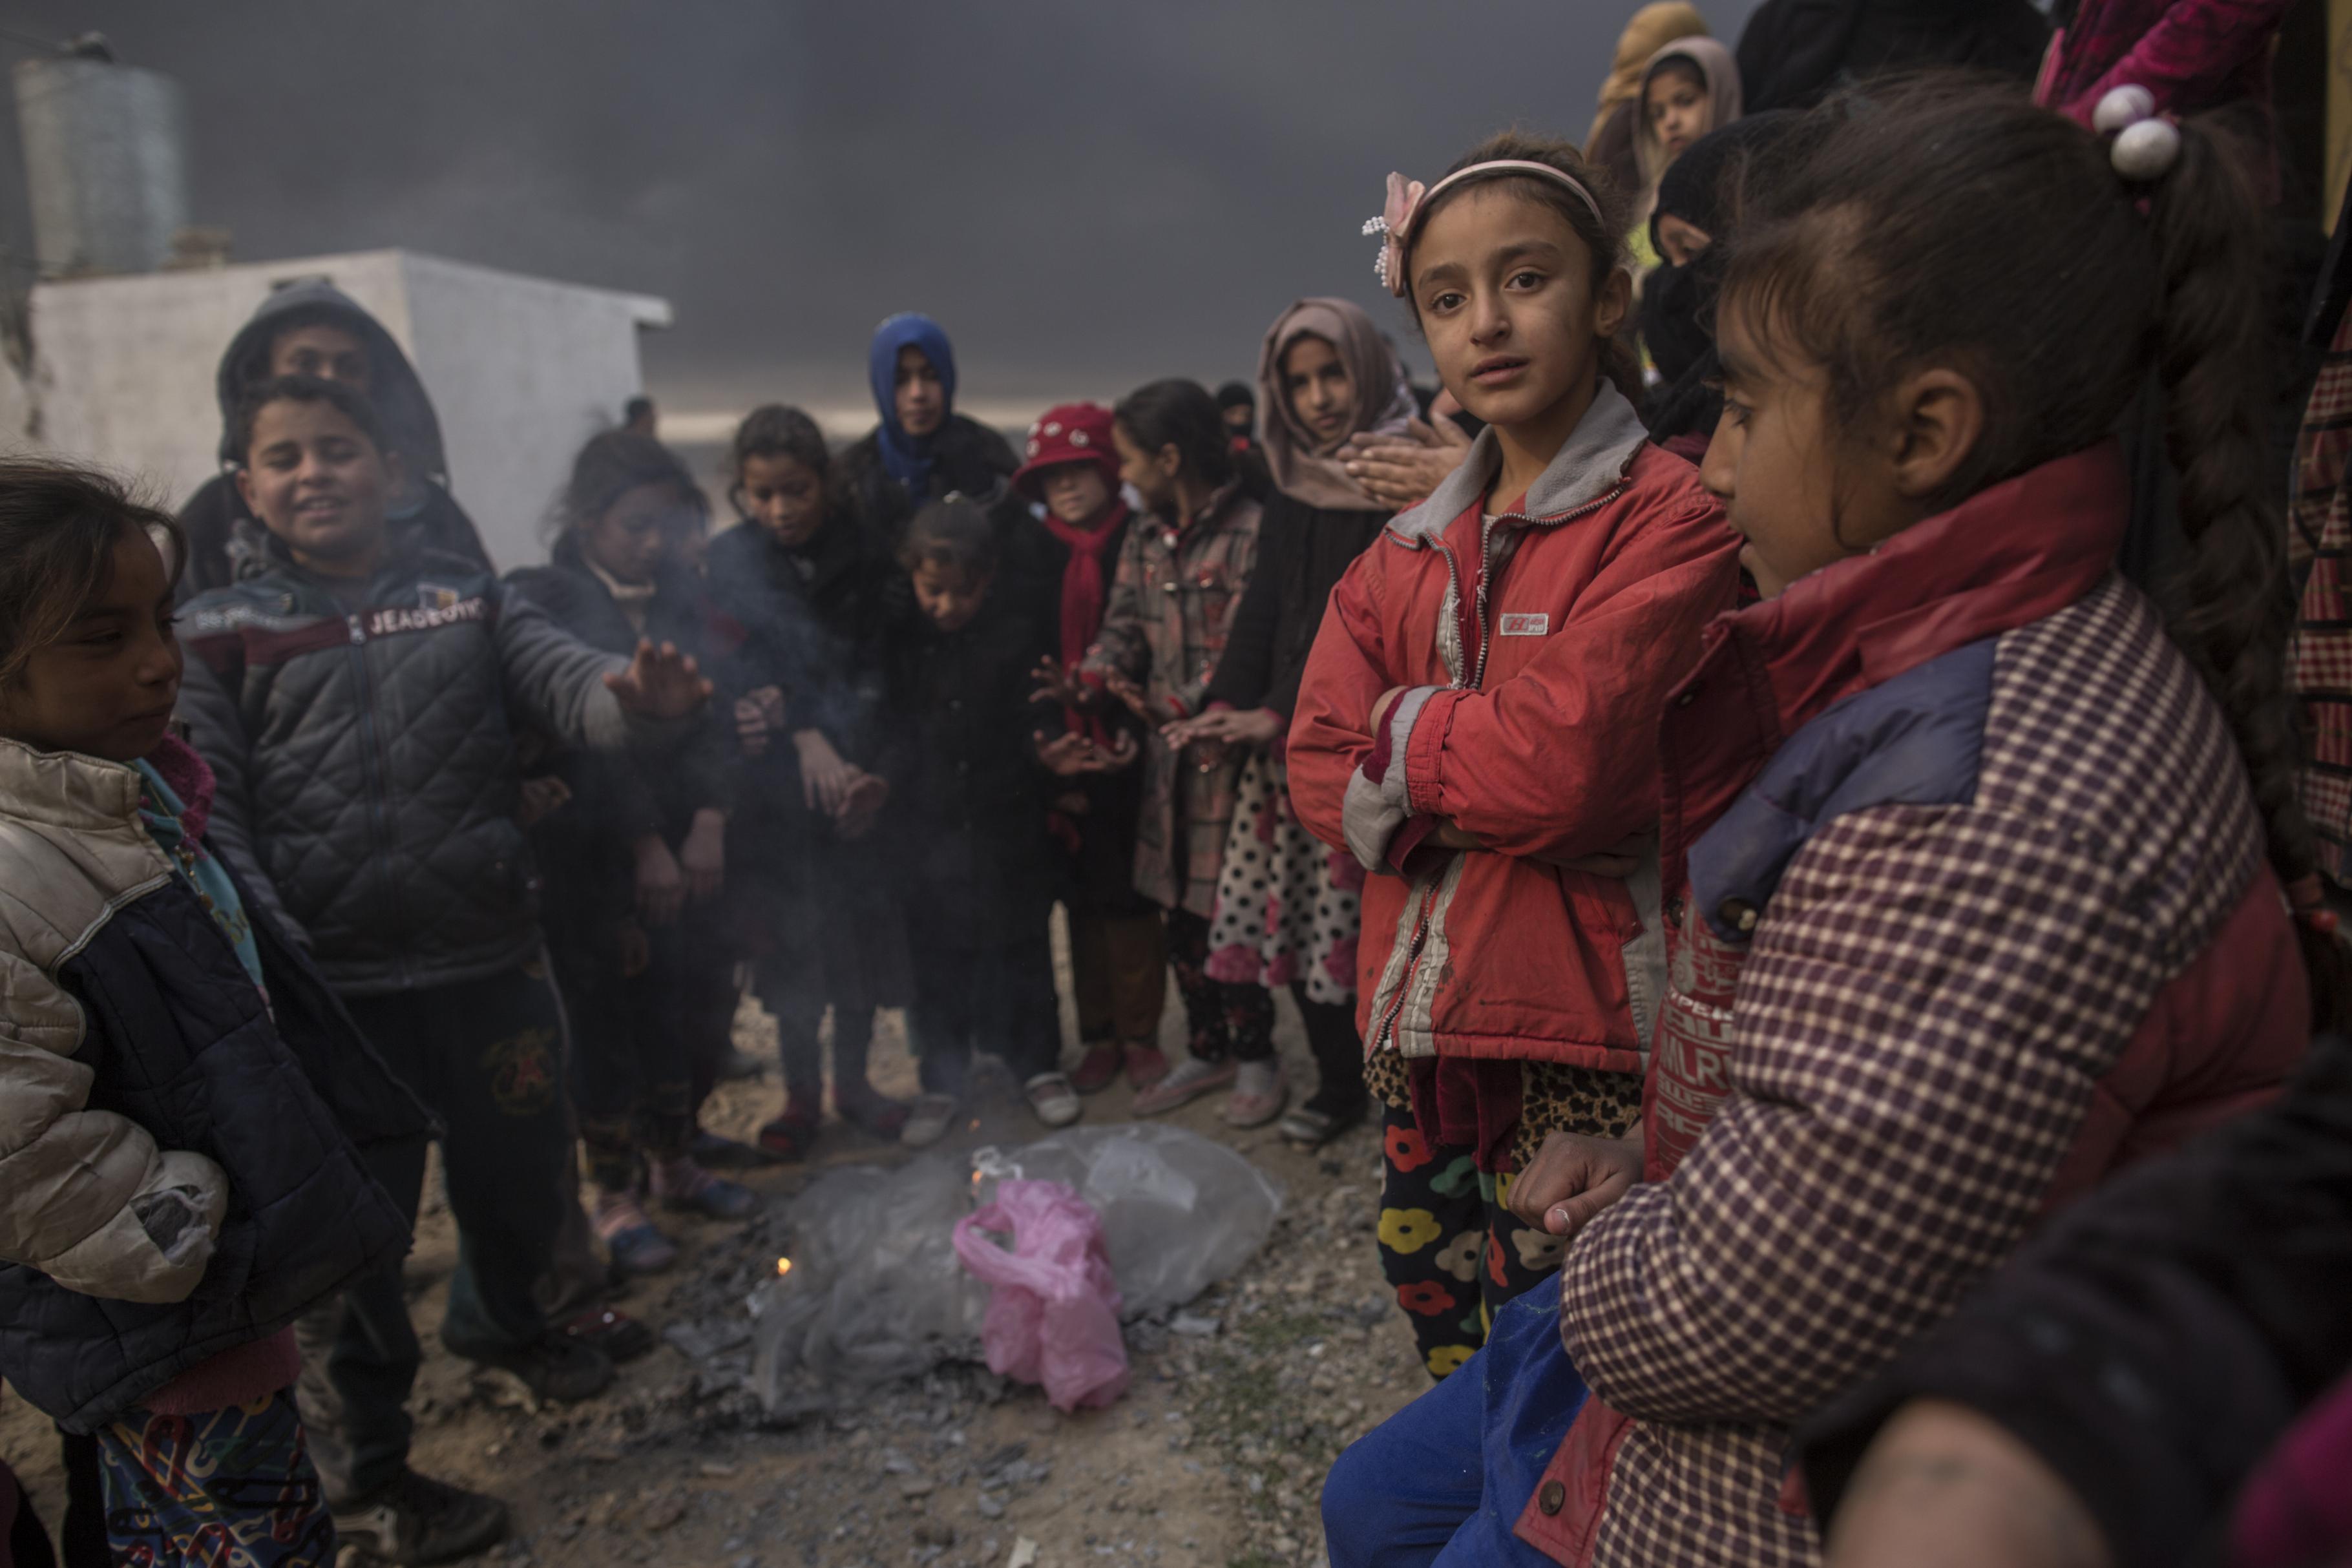 Kinder wärmen ihre Hände an einem kleinen Feuer, indem Plastiktüten verbrannt werden